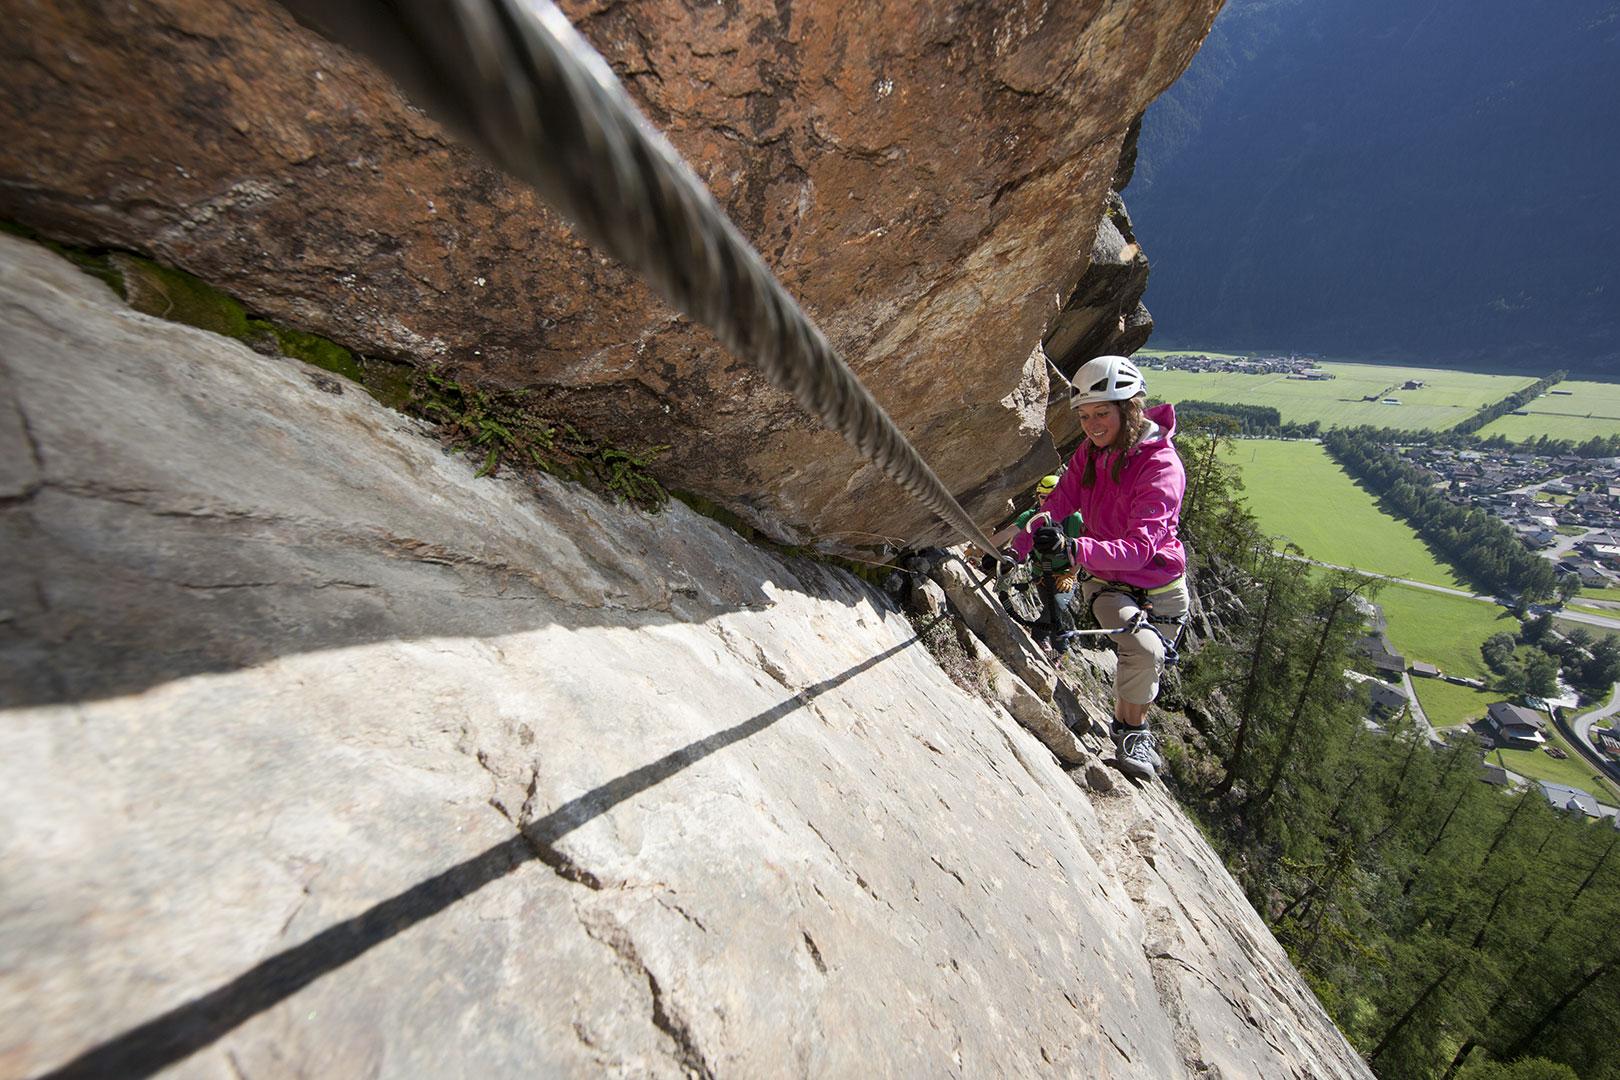 Klettersteigset Alt : Kletter steig paradies alpine bergsport und erlebnisschule sölden